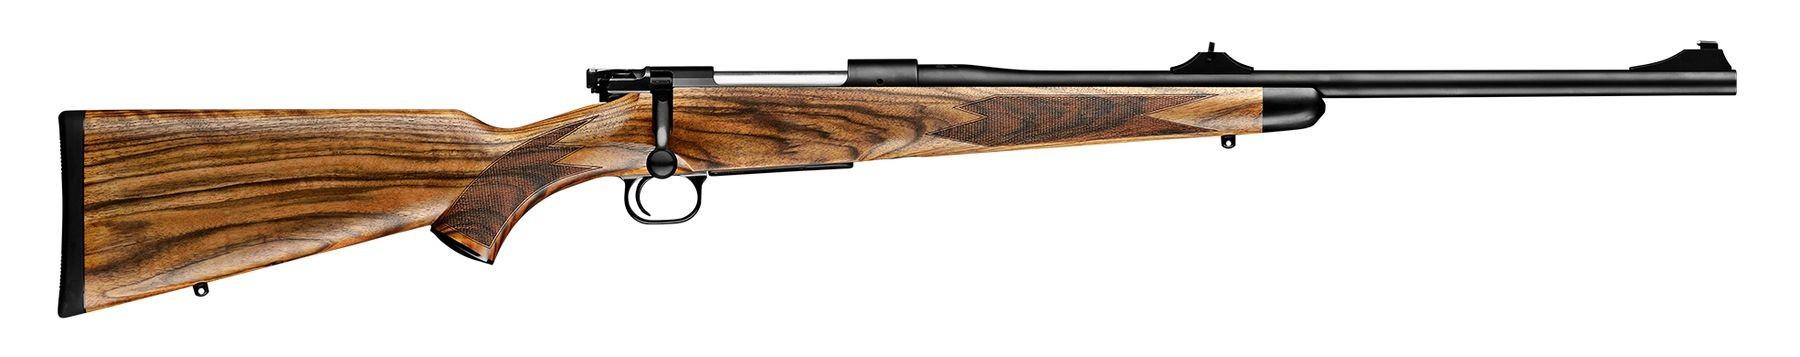 Mauser M12 Expert